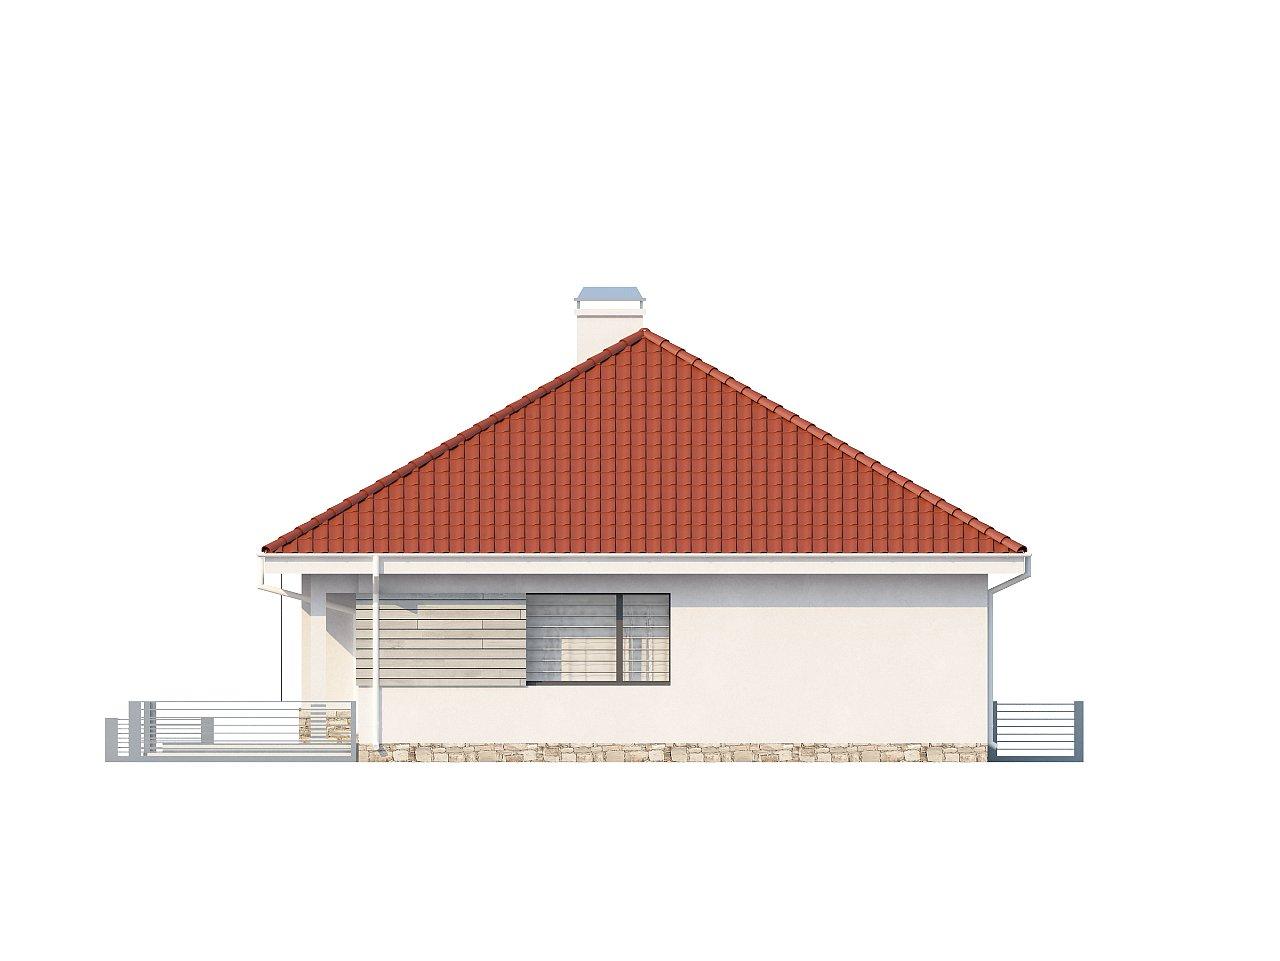 Проект компактного и функционального одноэтажного дома с фронтальным расположением дневной зоны. 4